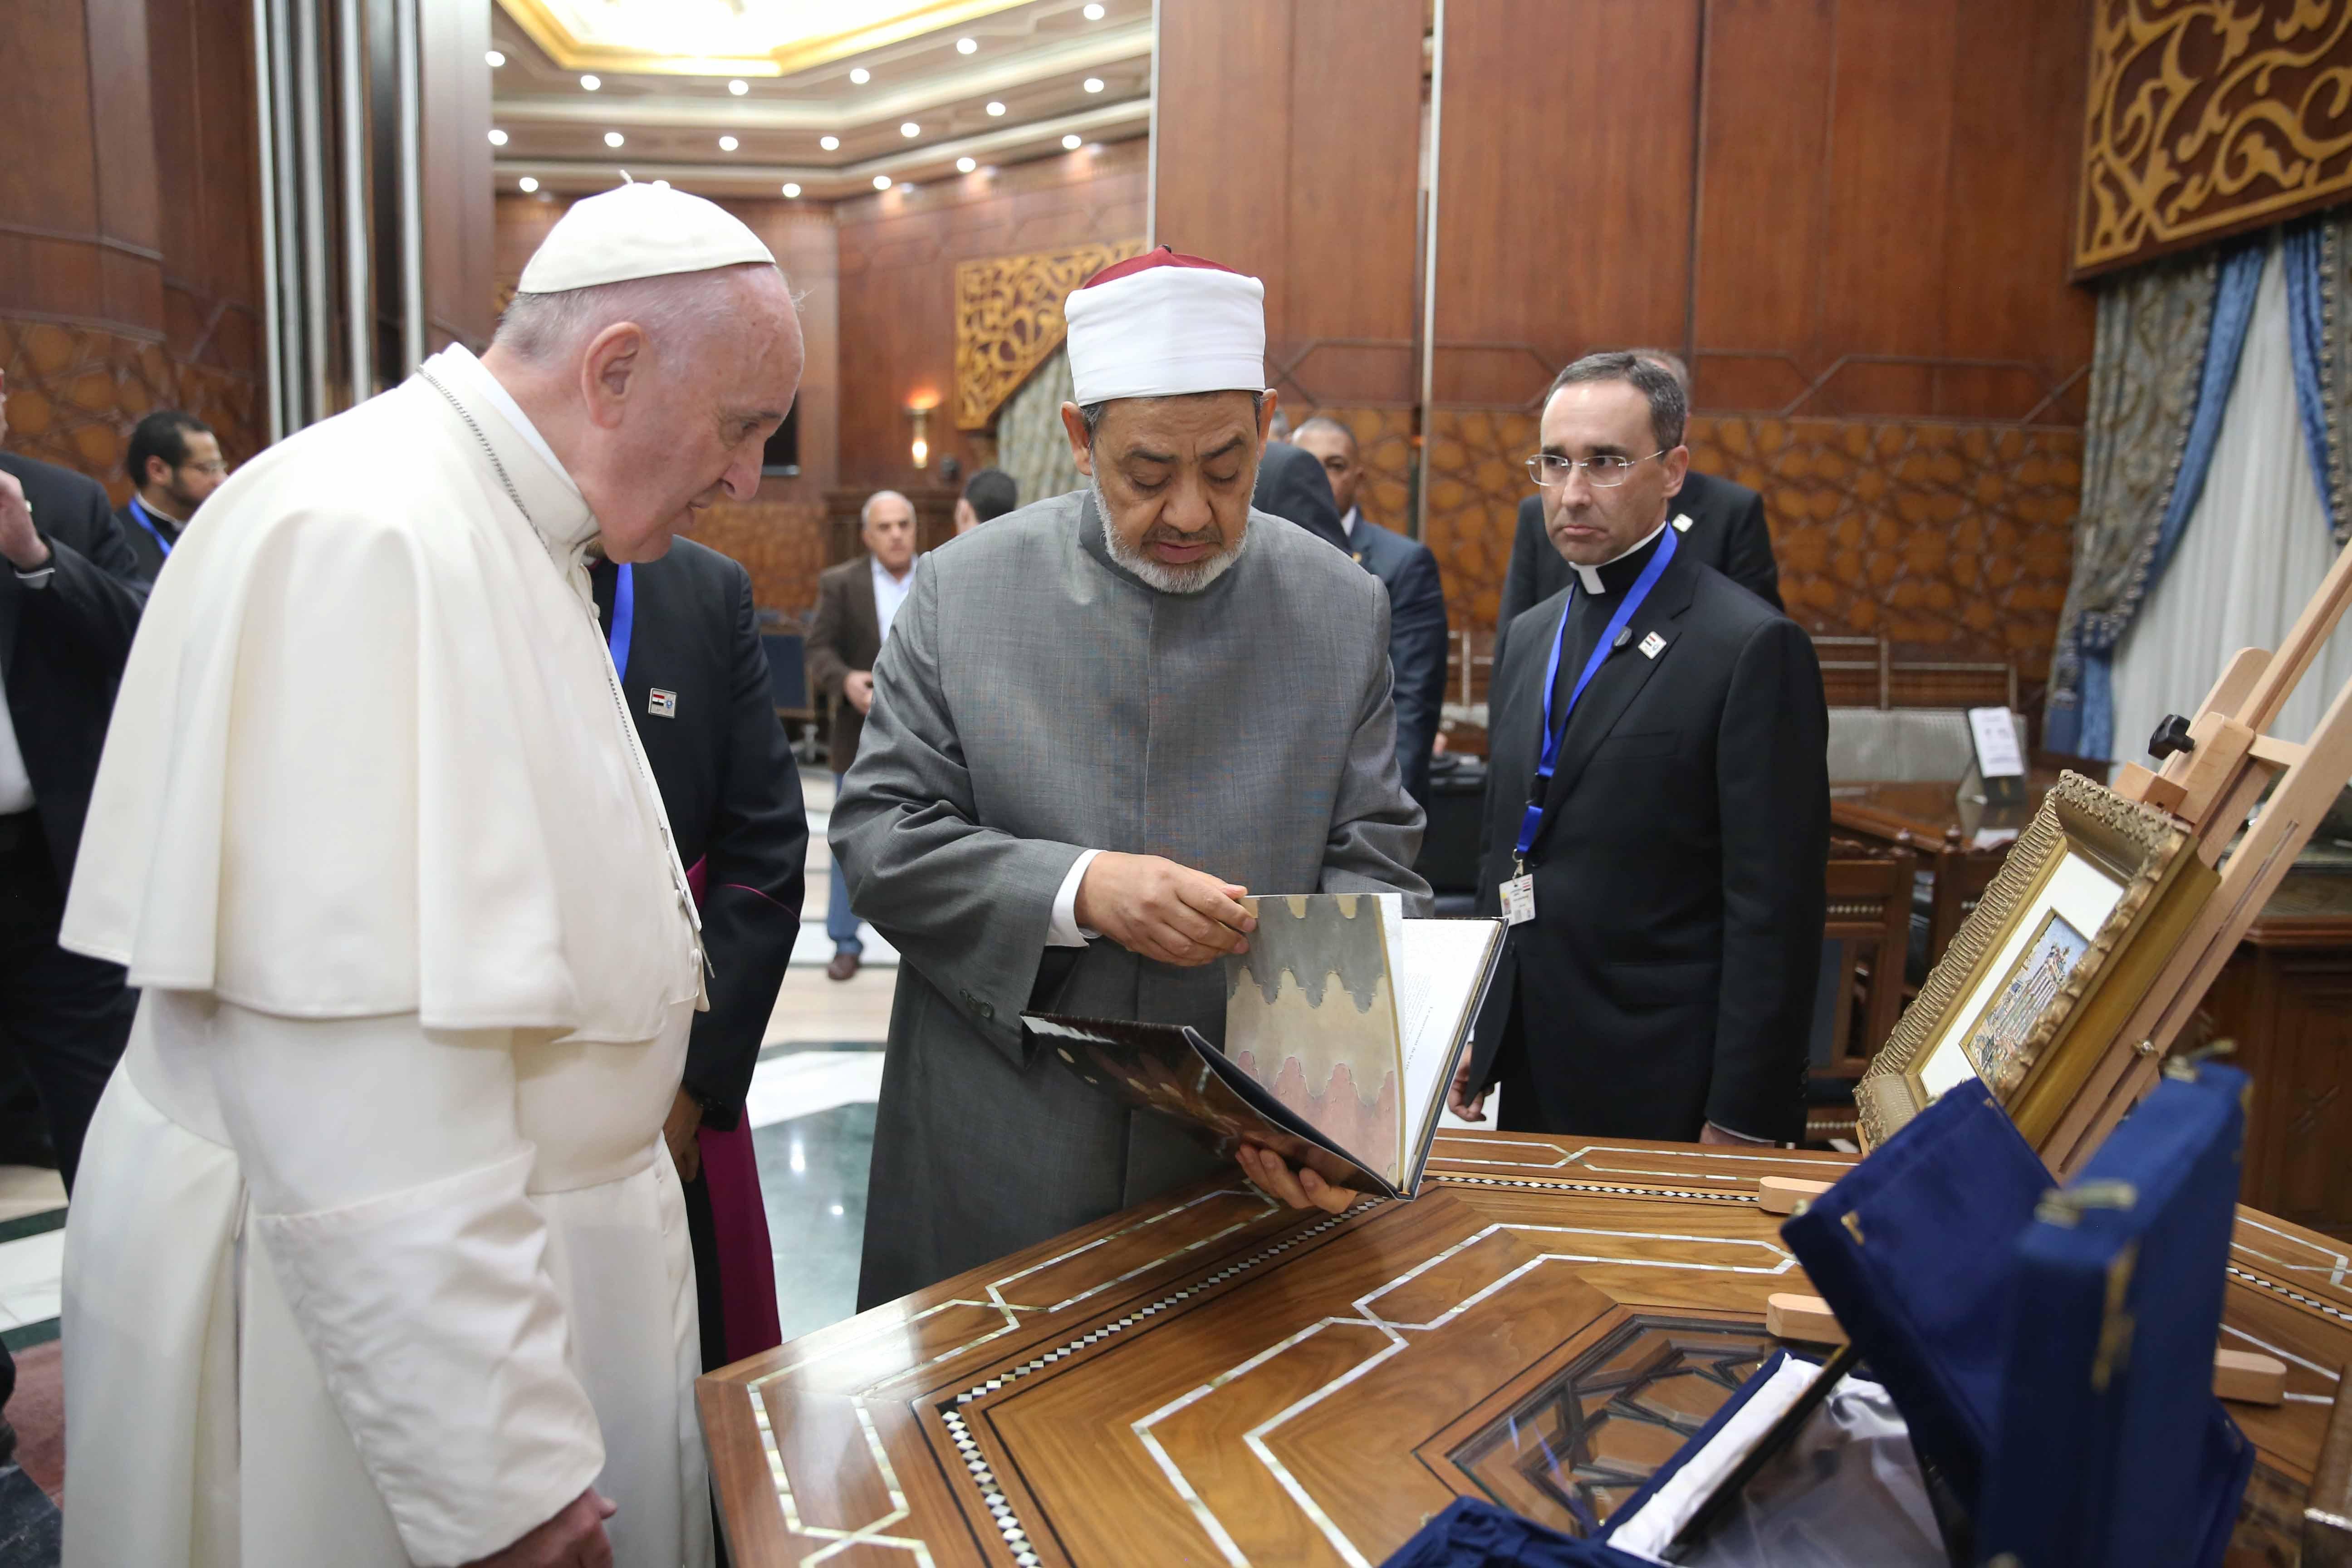 البابا ينظر لمقتنيات بمشيخة الأزهر